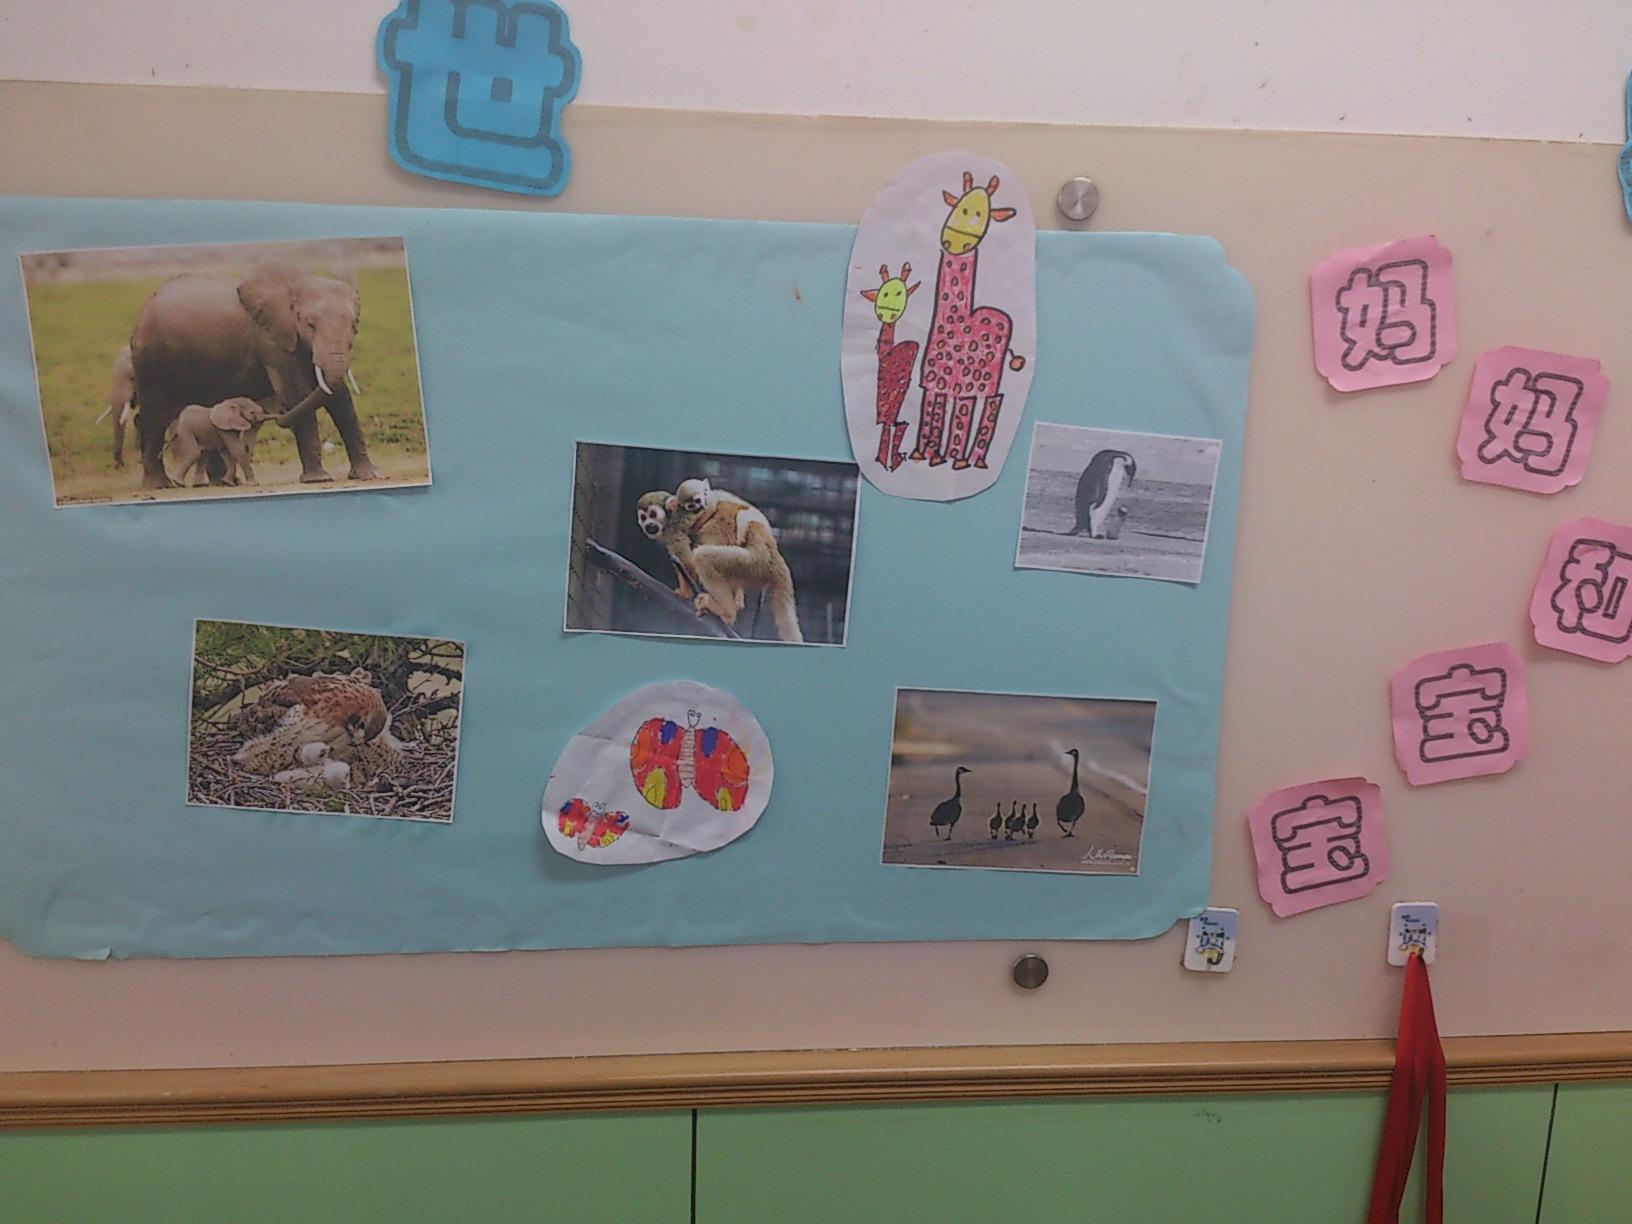 本月我班开展的是动物大世界主题活动,爸爸妈妈快来看看我们的主题墙